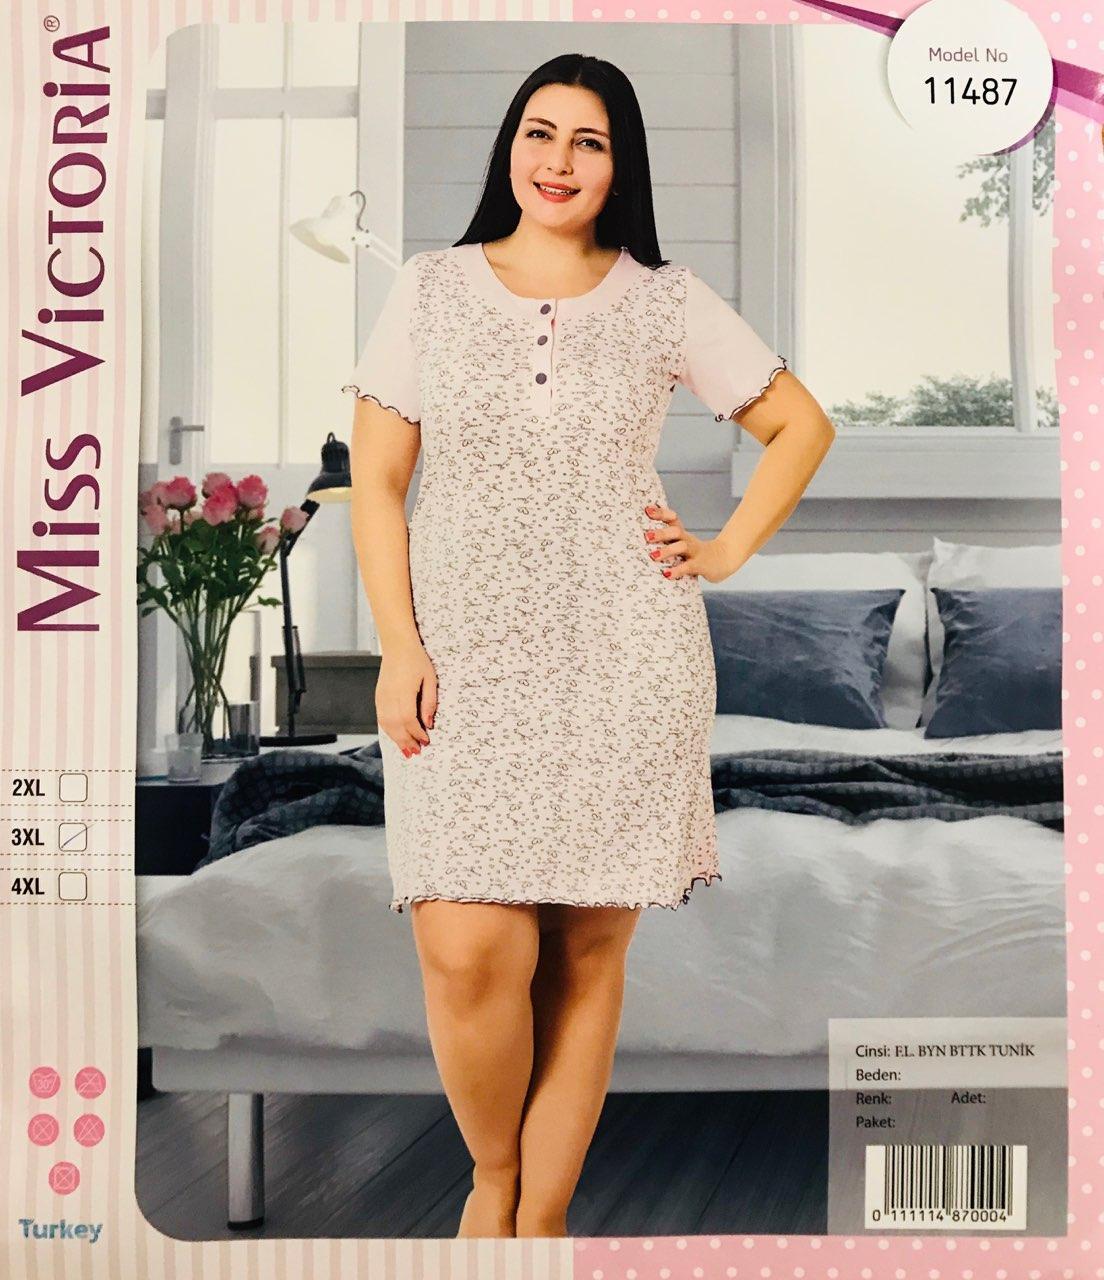 Женская пижама хлопок Miss Victoria Турция размер 2XL(50-52) 11487